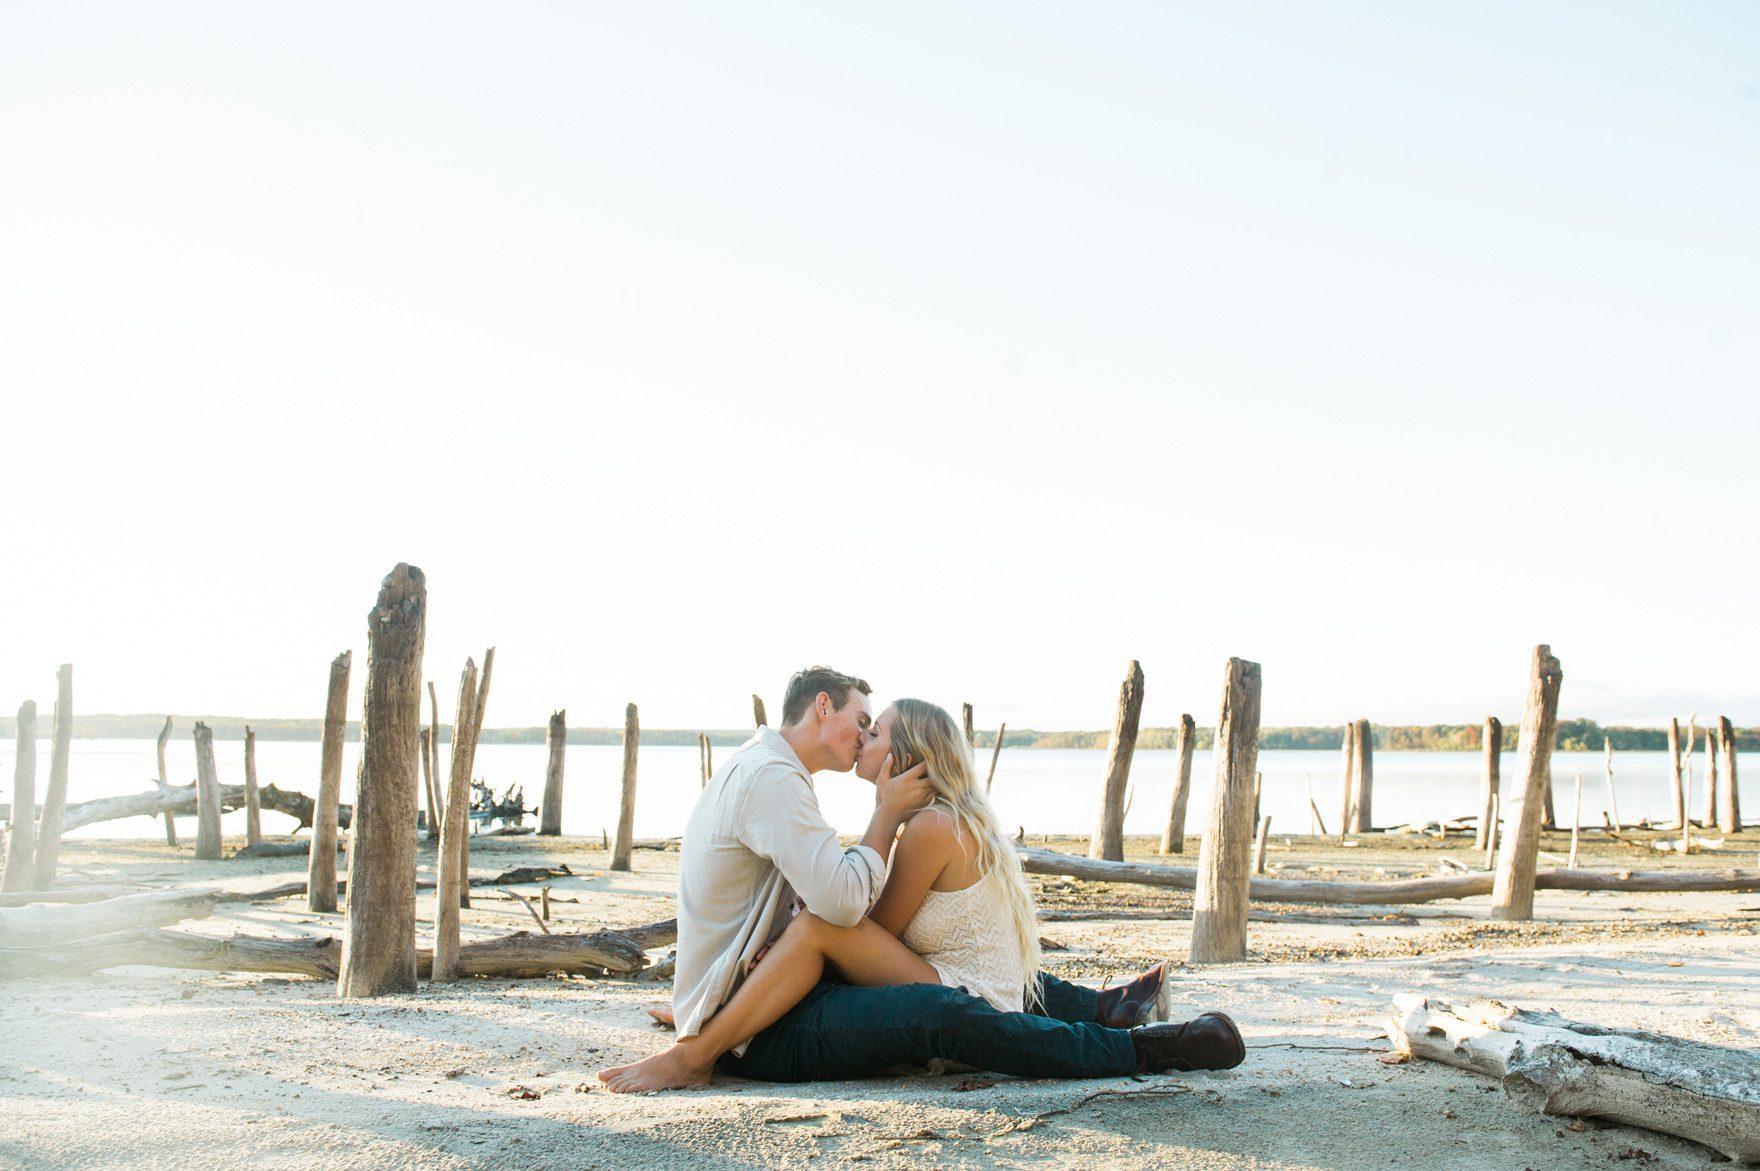 California-Destination-wedding-photographer-Christina-Lilly-022